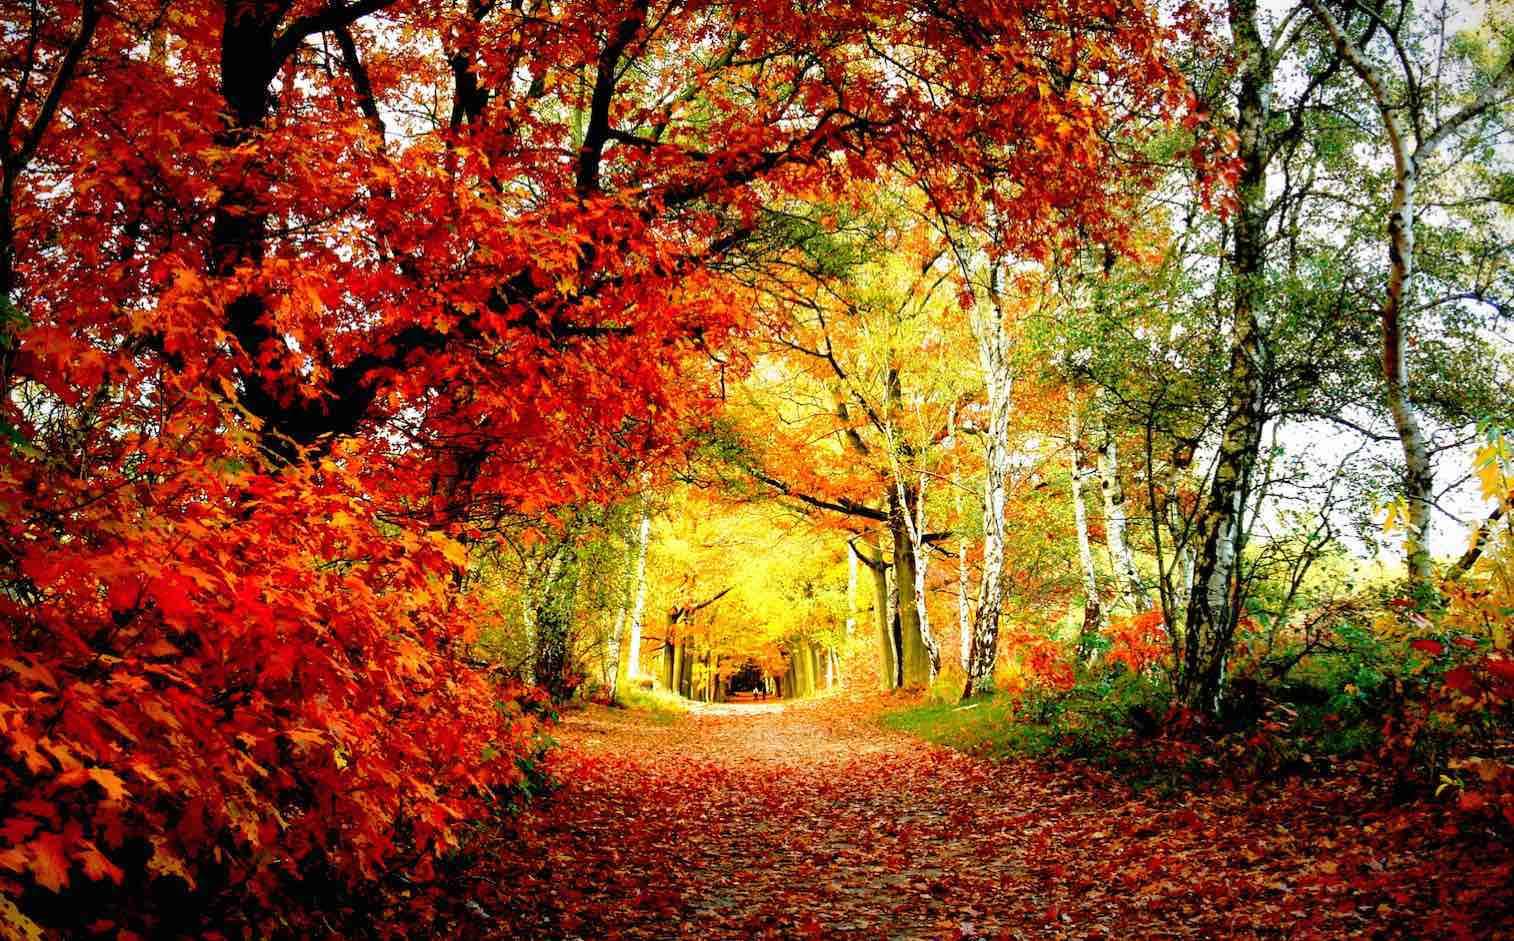 ฤดูใบไม้ร่วง ใบไม้เปลี่ยนสีของประเทศเกาหลี